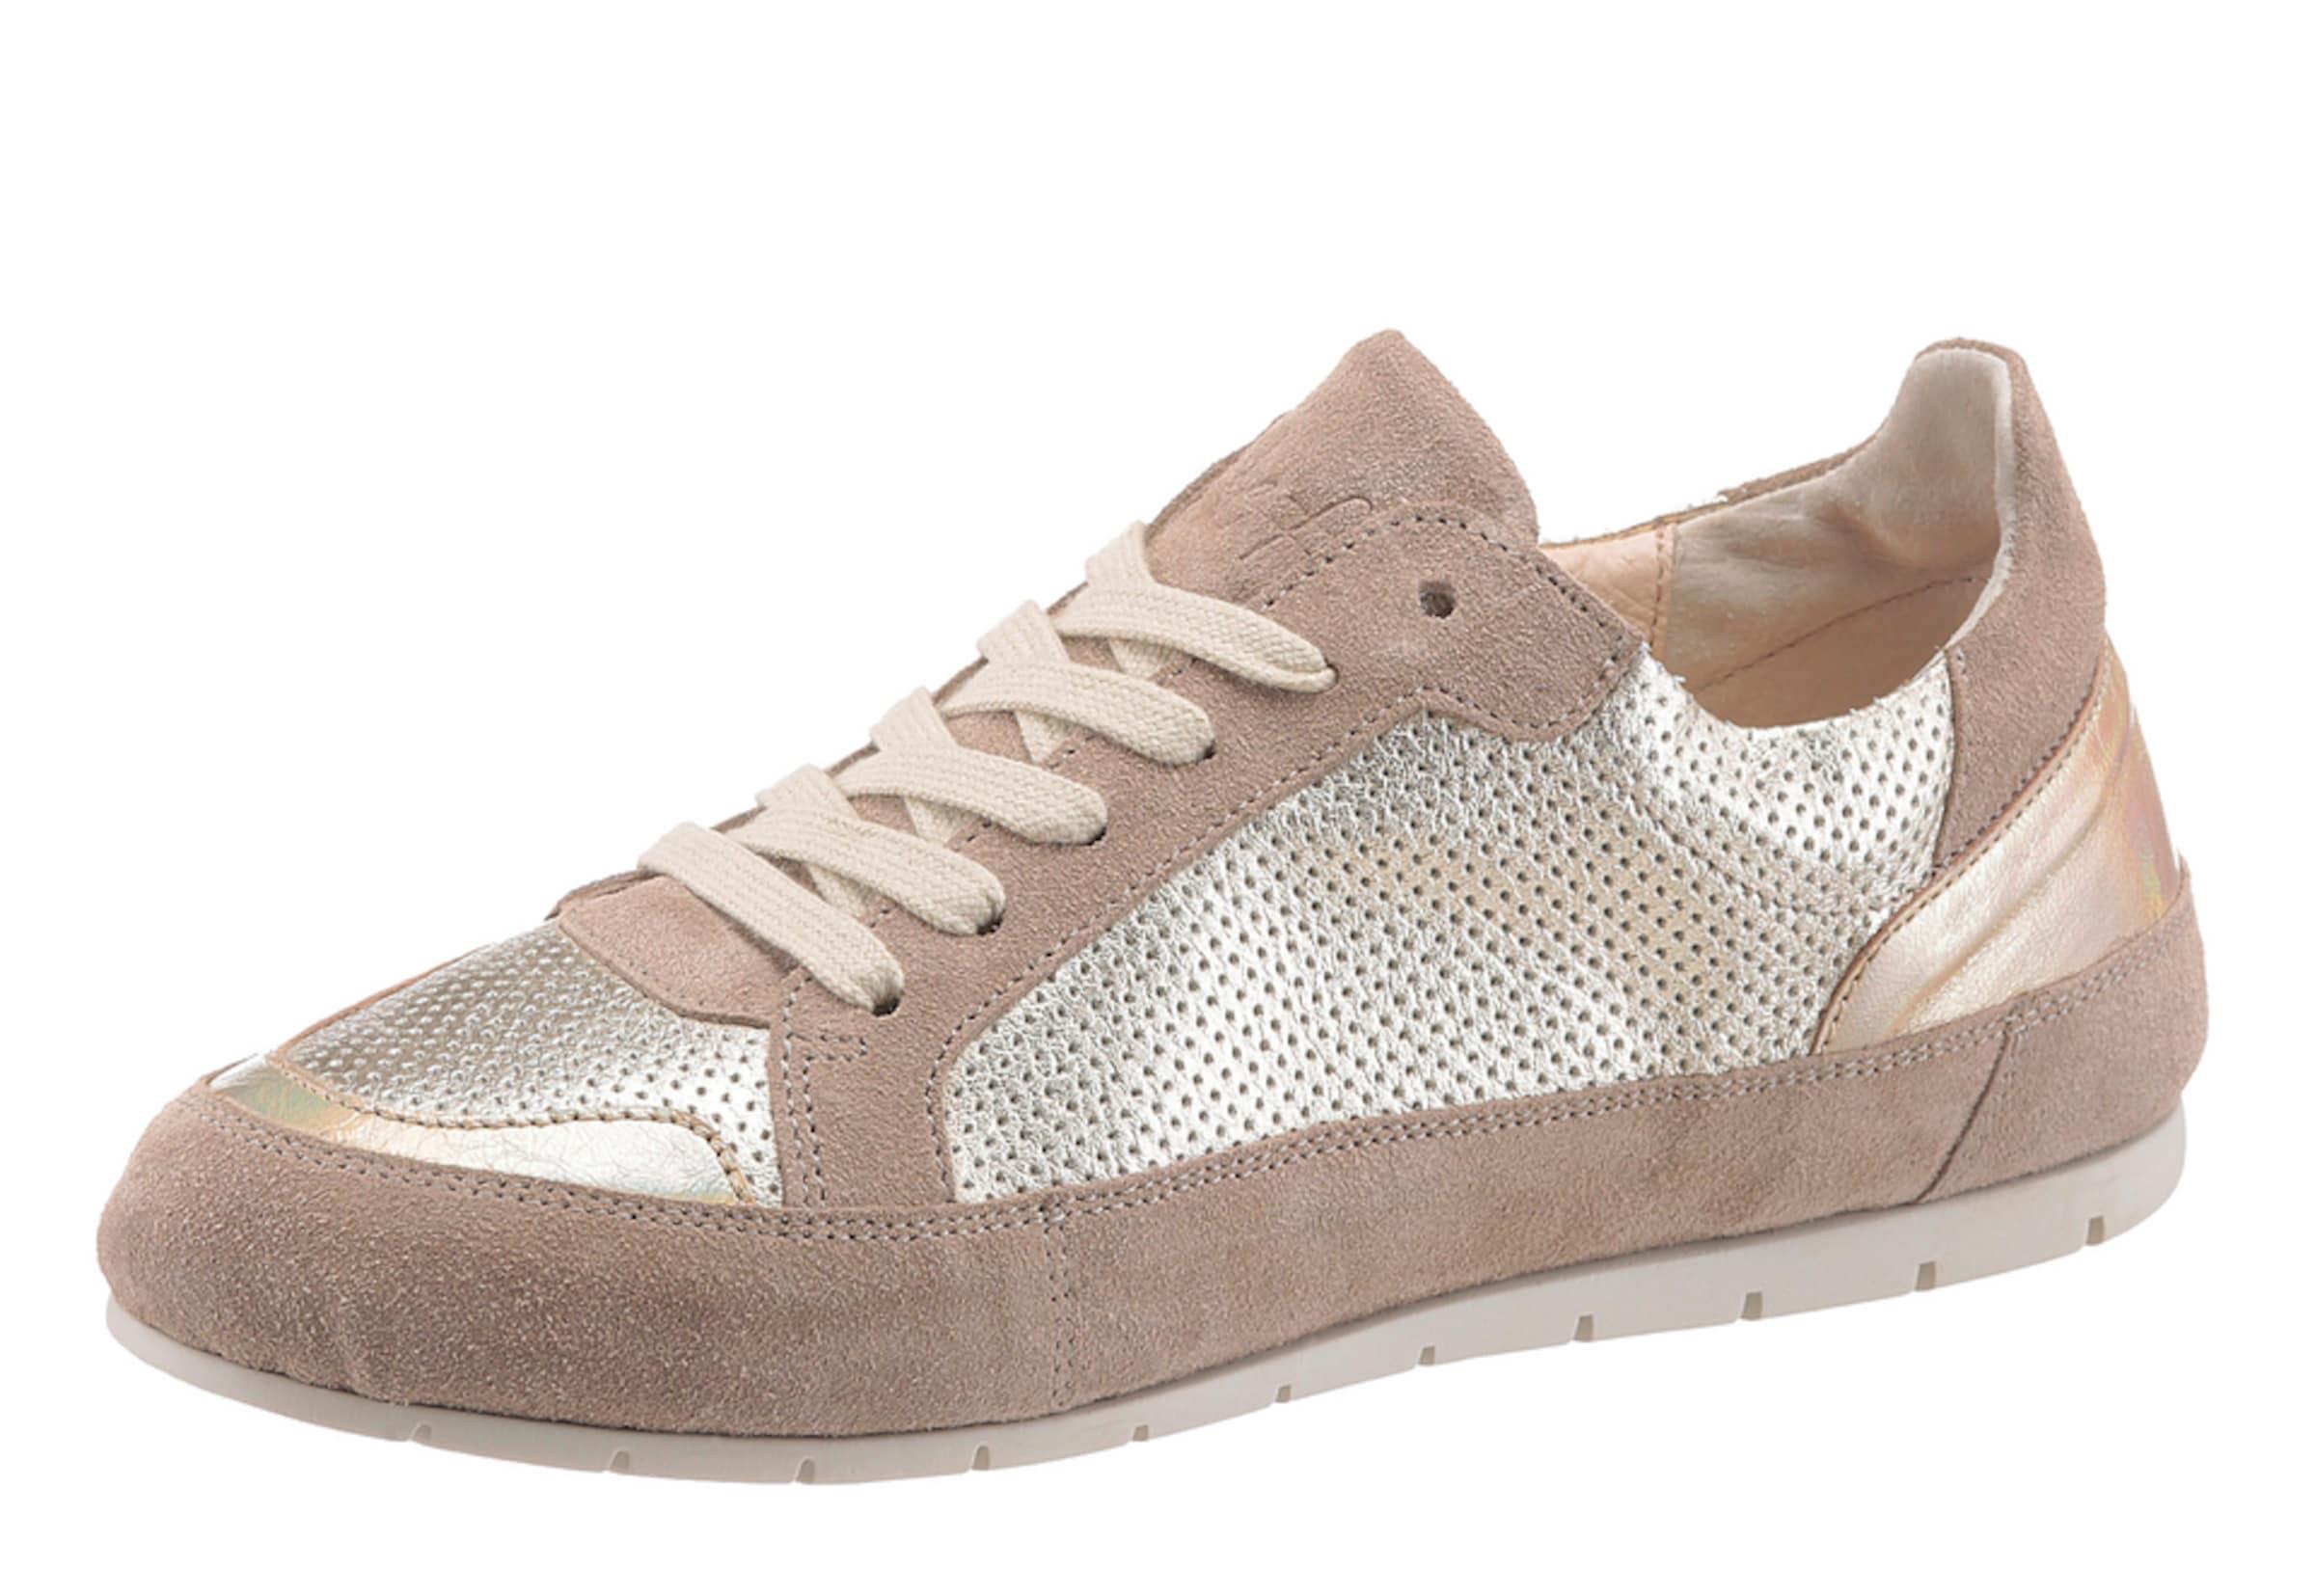 MANAS Schnürer Verschleißfeste billige Schuhe Hohe Qualität